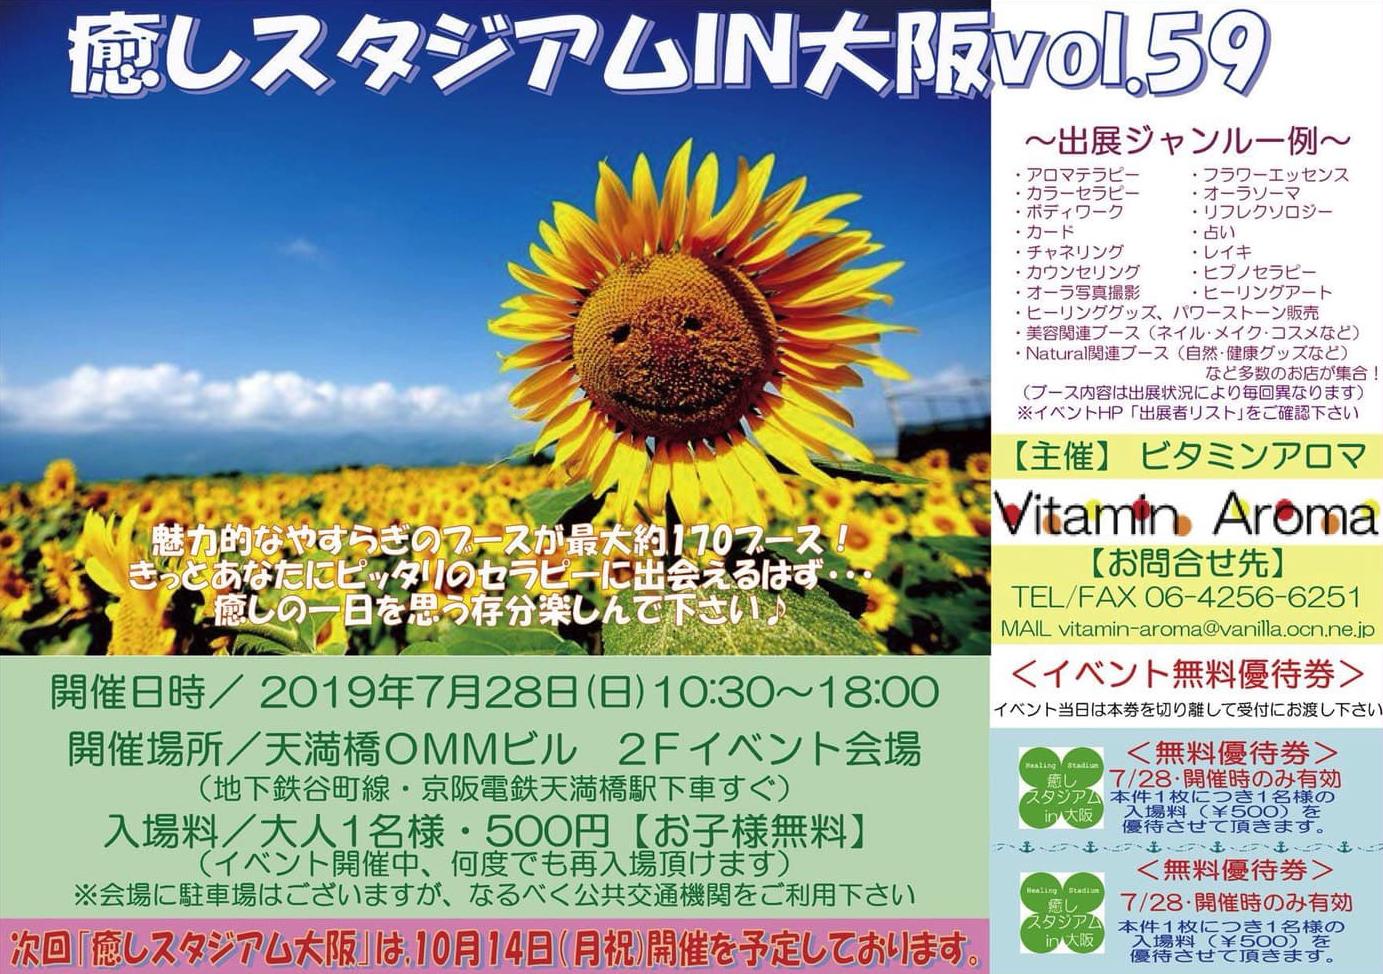 癒しスタジアムIN大阪にパーソナルカラーサロンic lightがパーソナルカラー診断のブースを出店します。